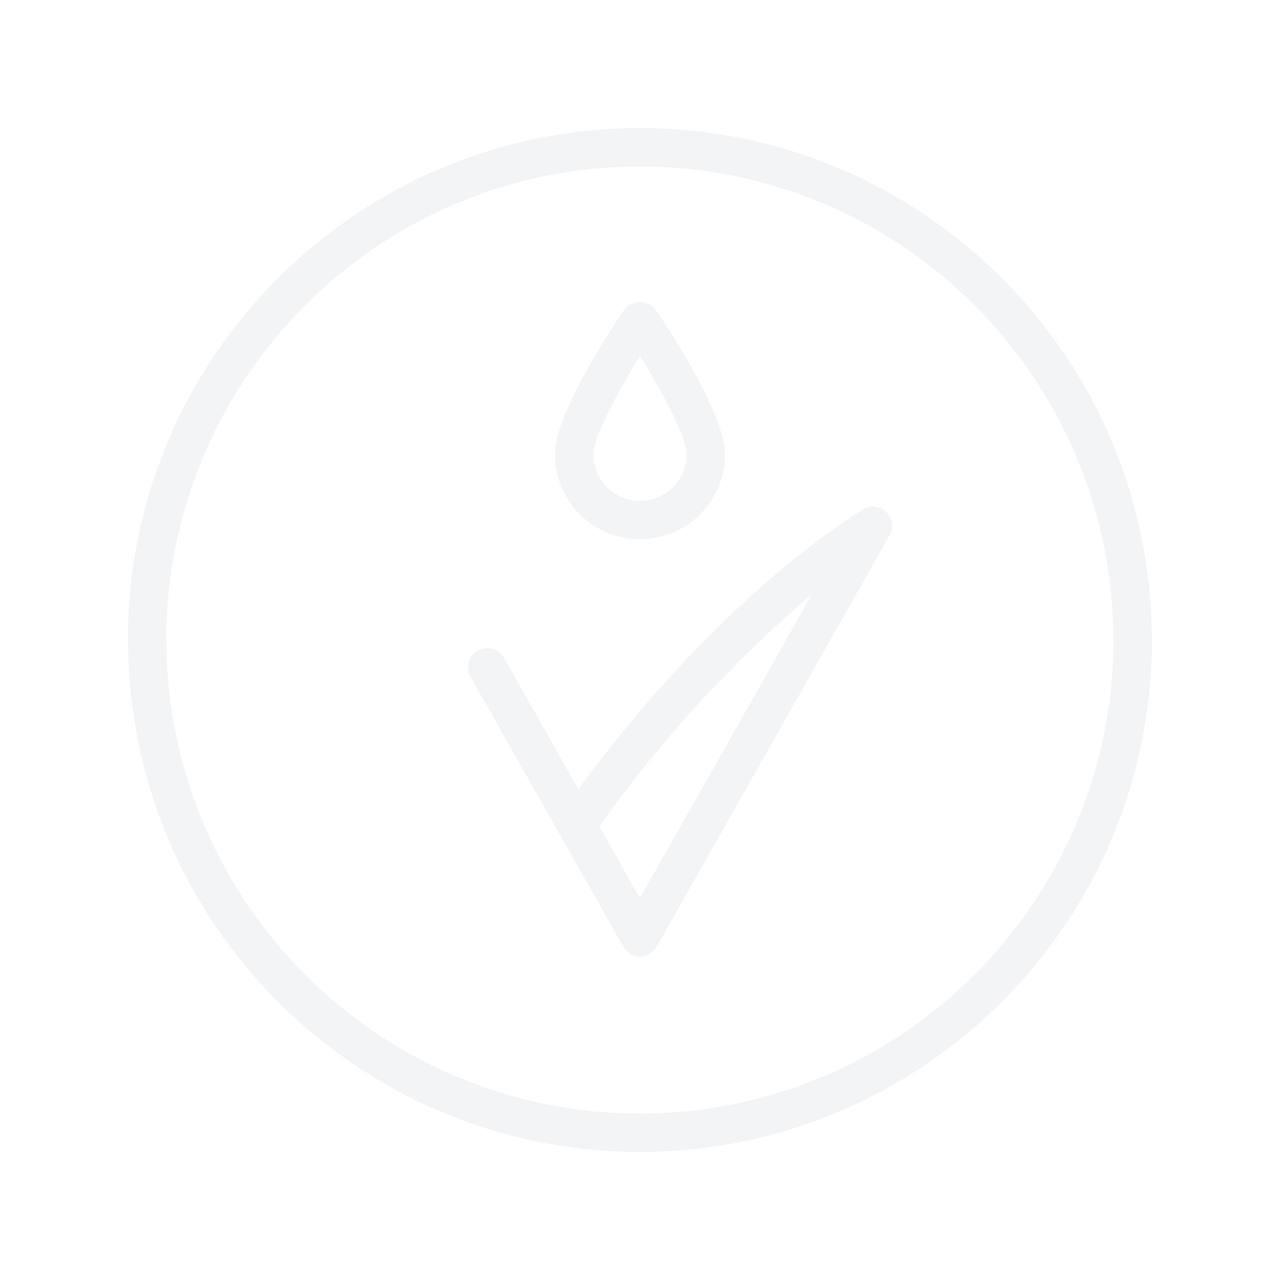 L'Oreal Super Liner Perfect Slim Eyeliner